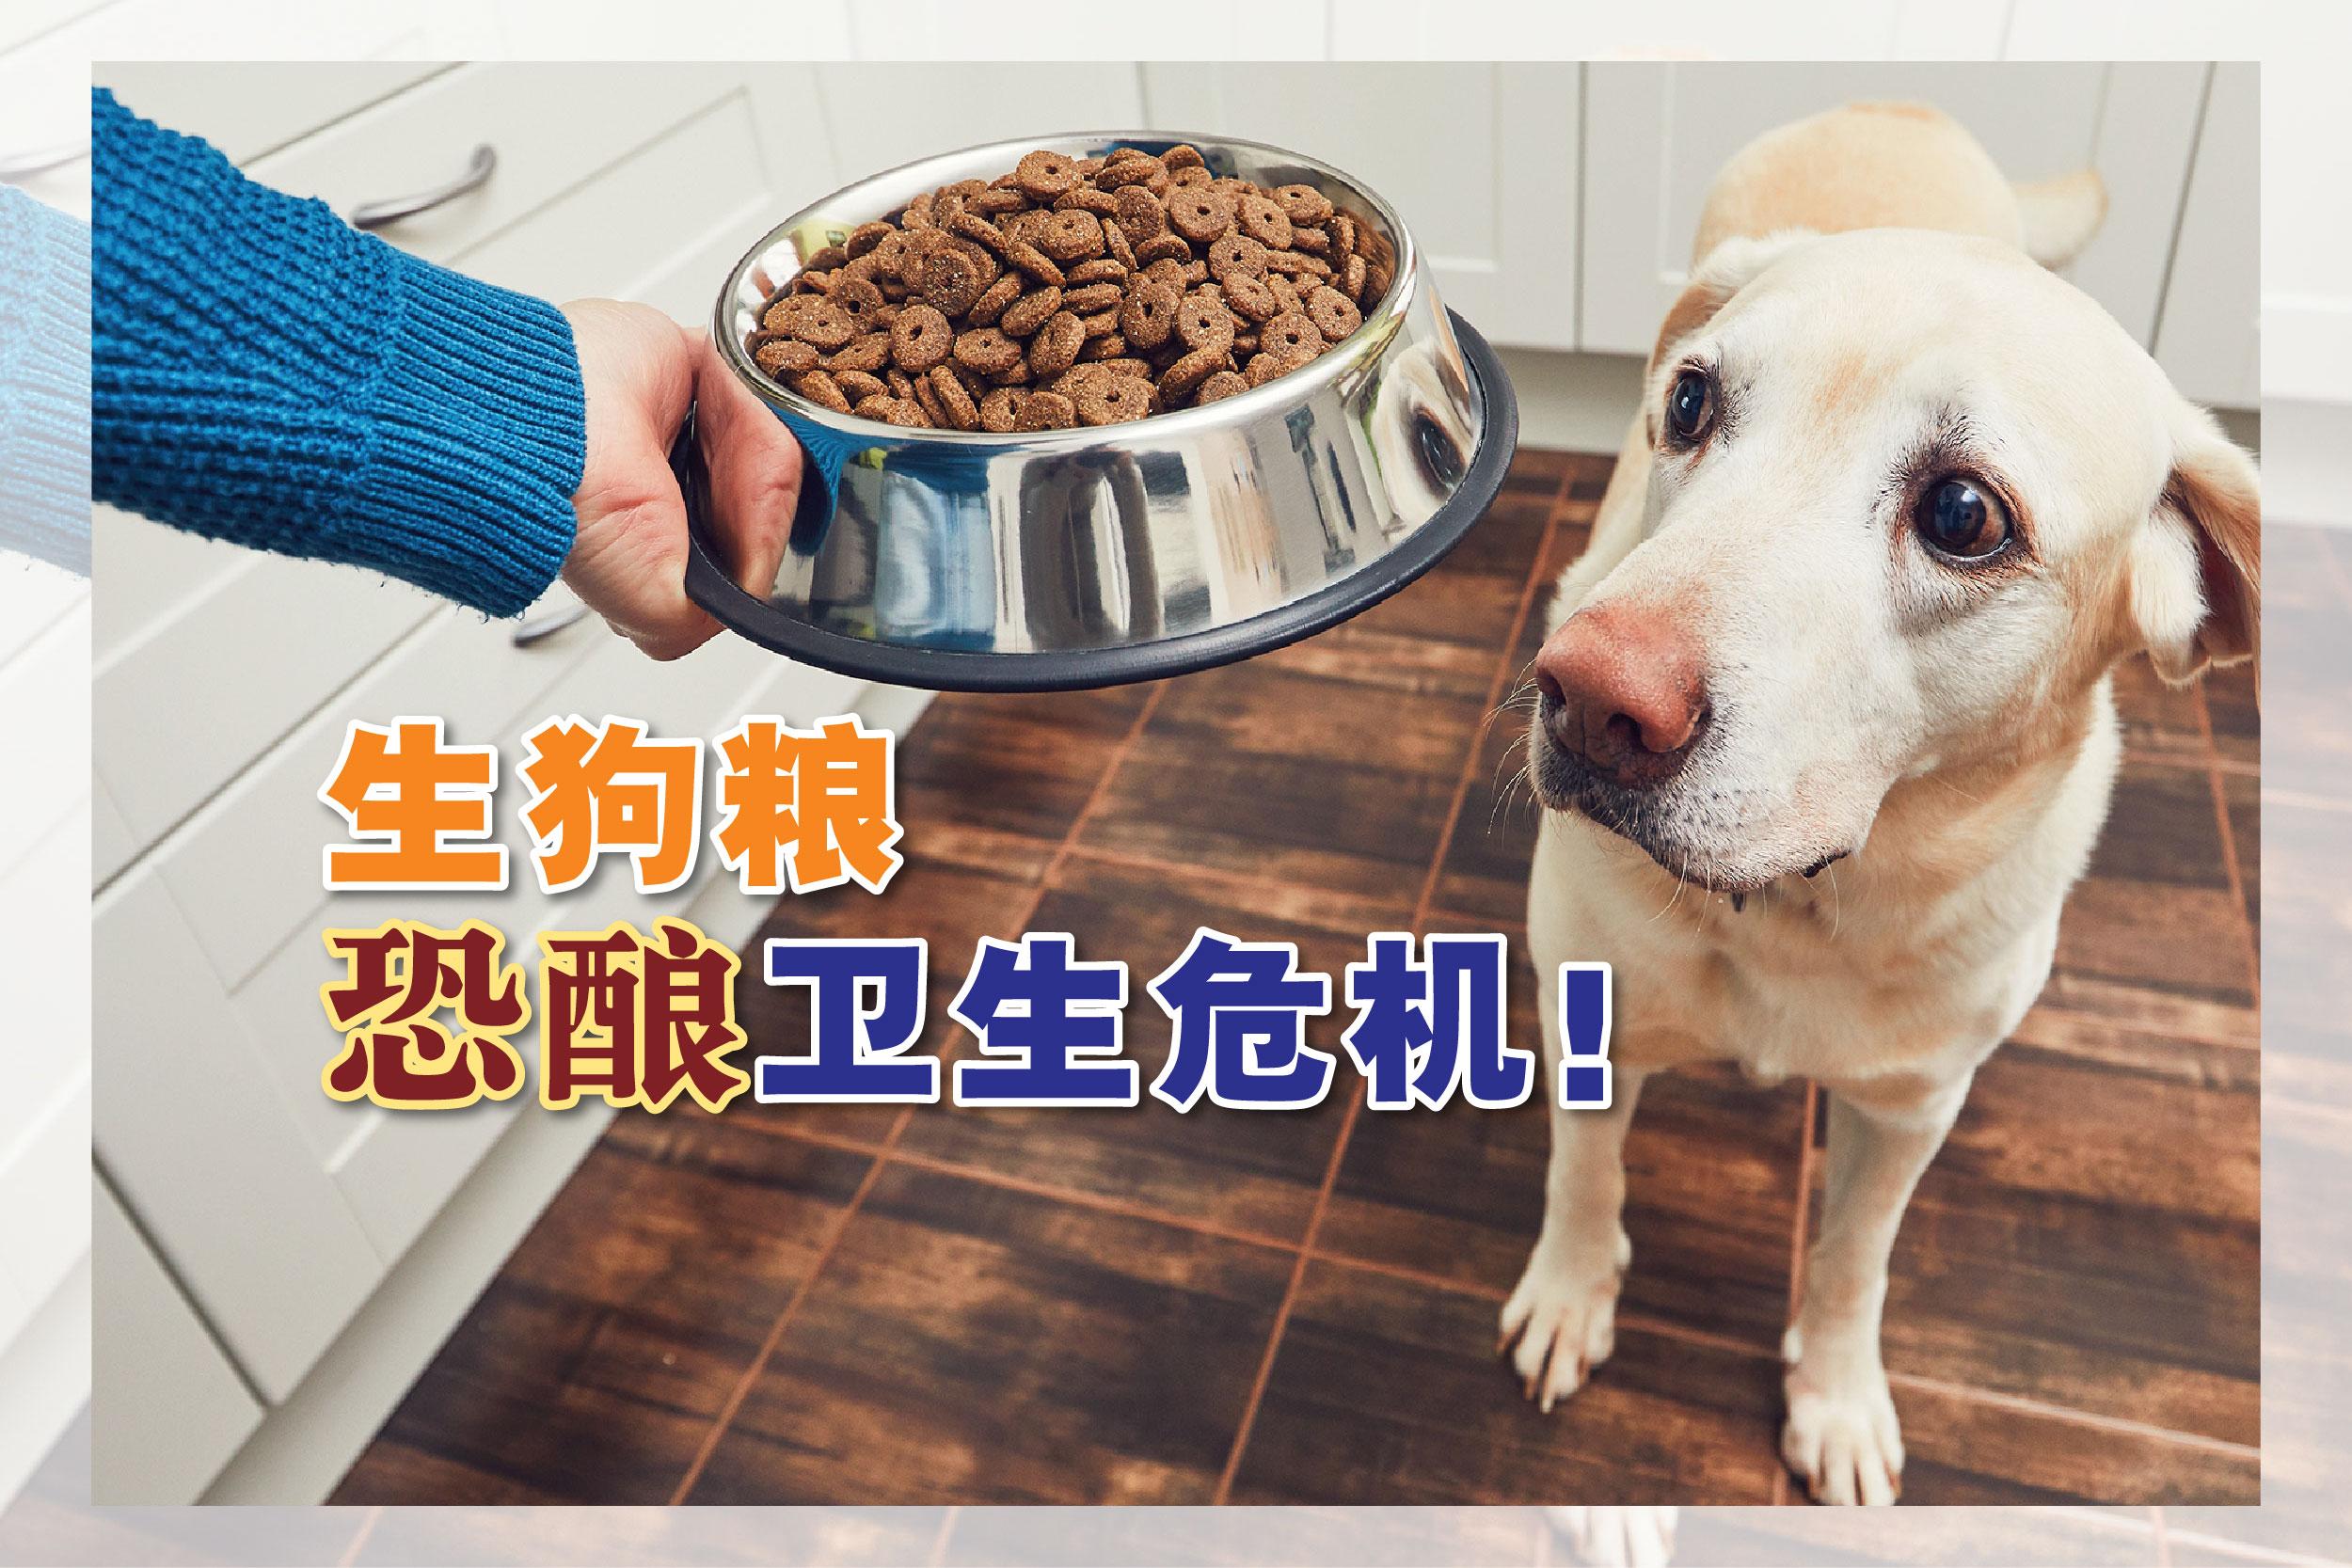 研究人员说,给狗喂食生狗粮的趋势,可能会助长耐抗生素细菌蔓延。-Getty Images,精彩大马制图-